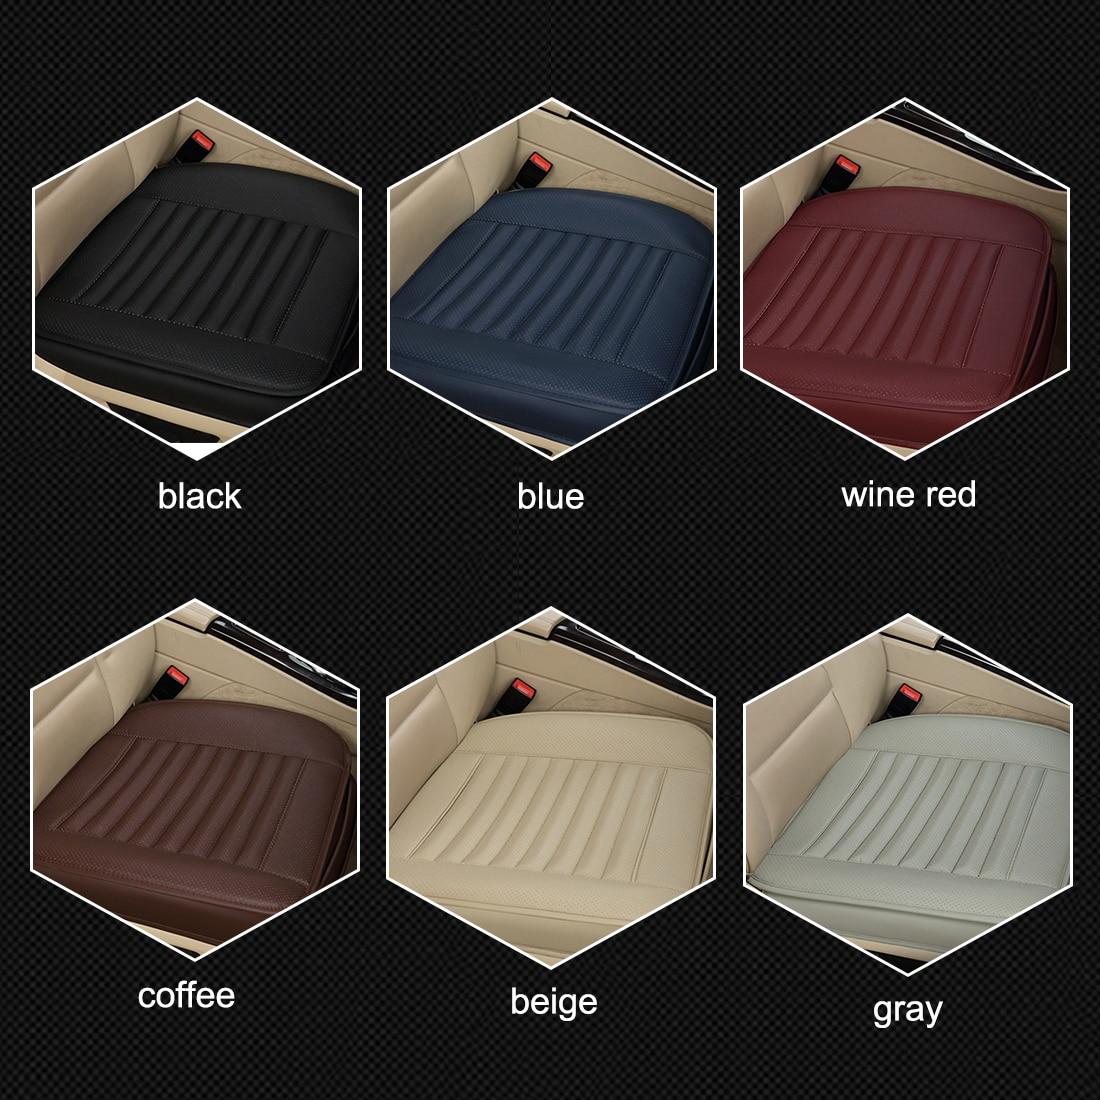 Dewtreetali 1 шт. сиденья спереди полный/половина сиденье протектор Чехлы универсальные чехлы четыре сезона стиль